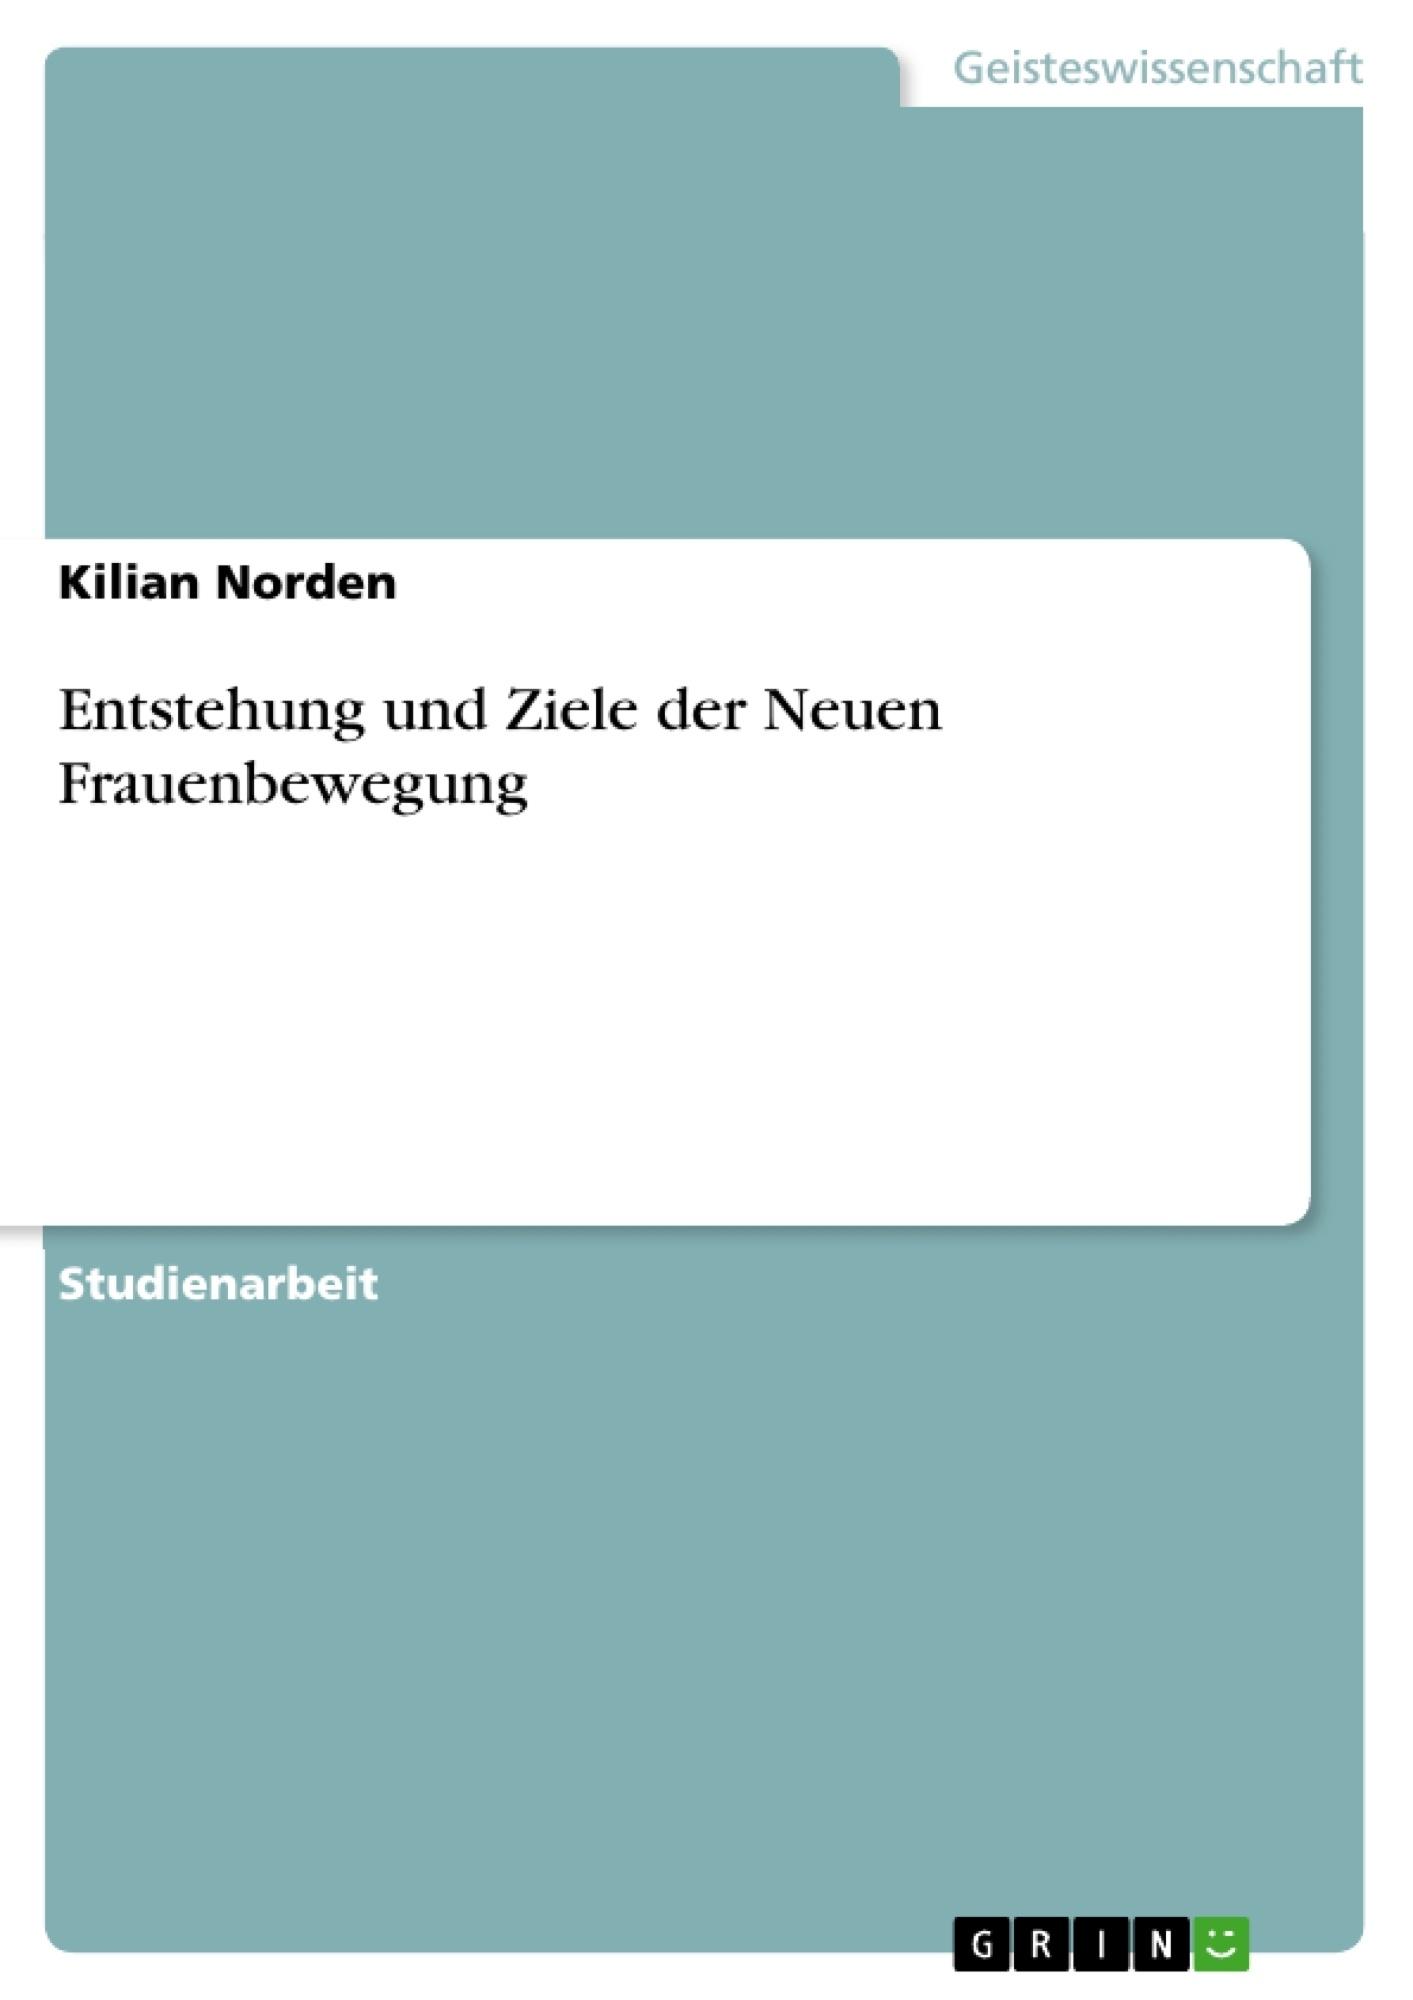 Titel: Entstehung und Ziele der Neuen Frauenbewegung